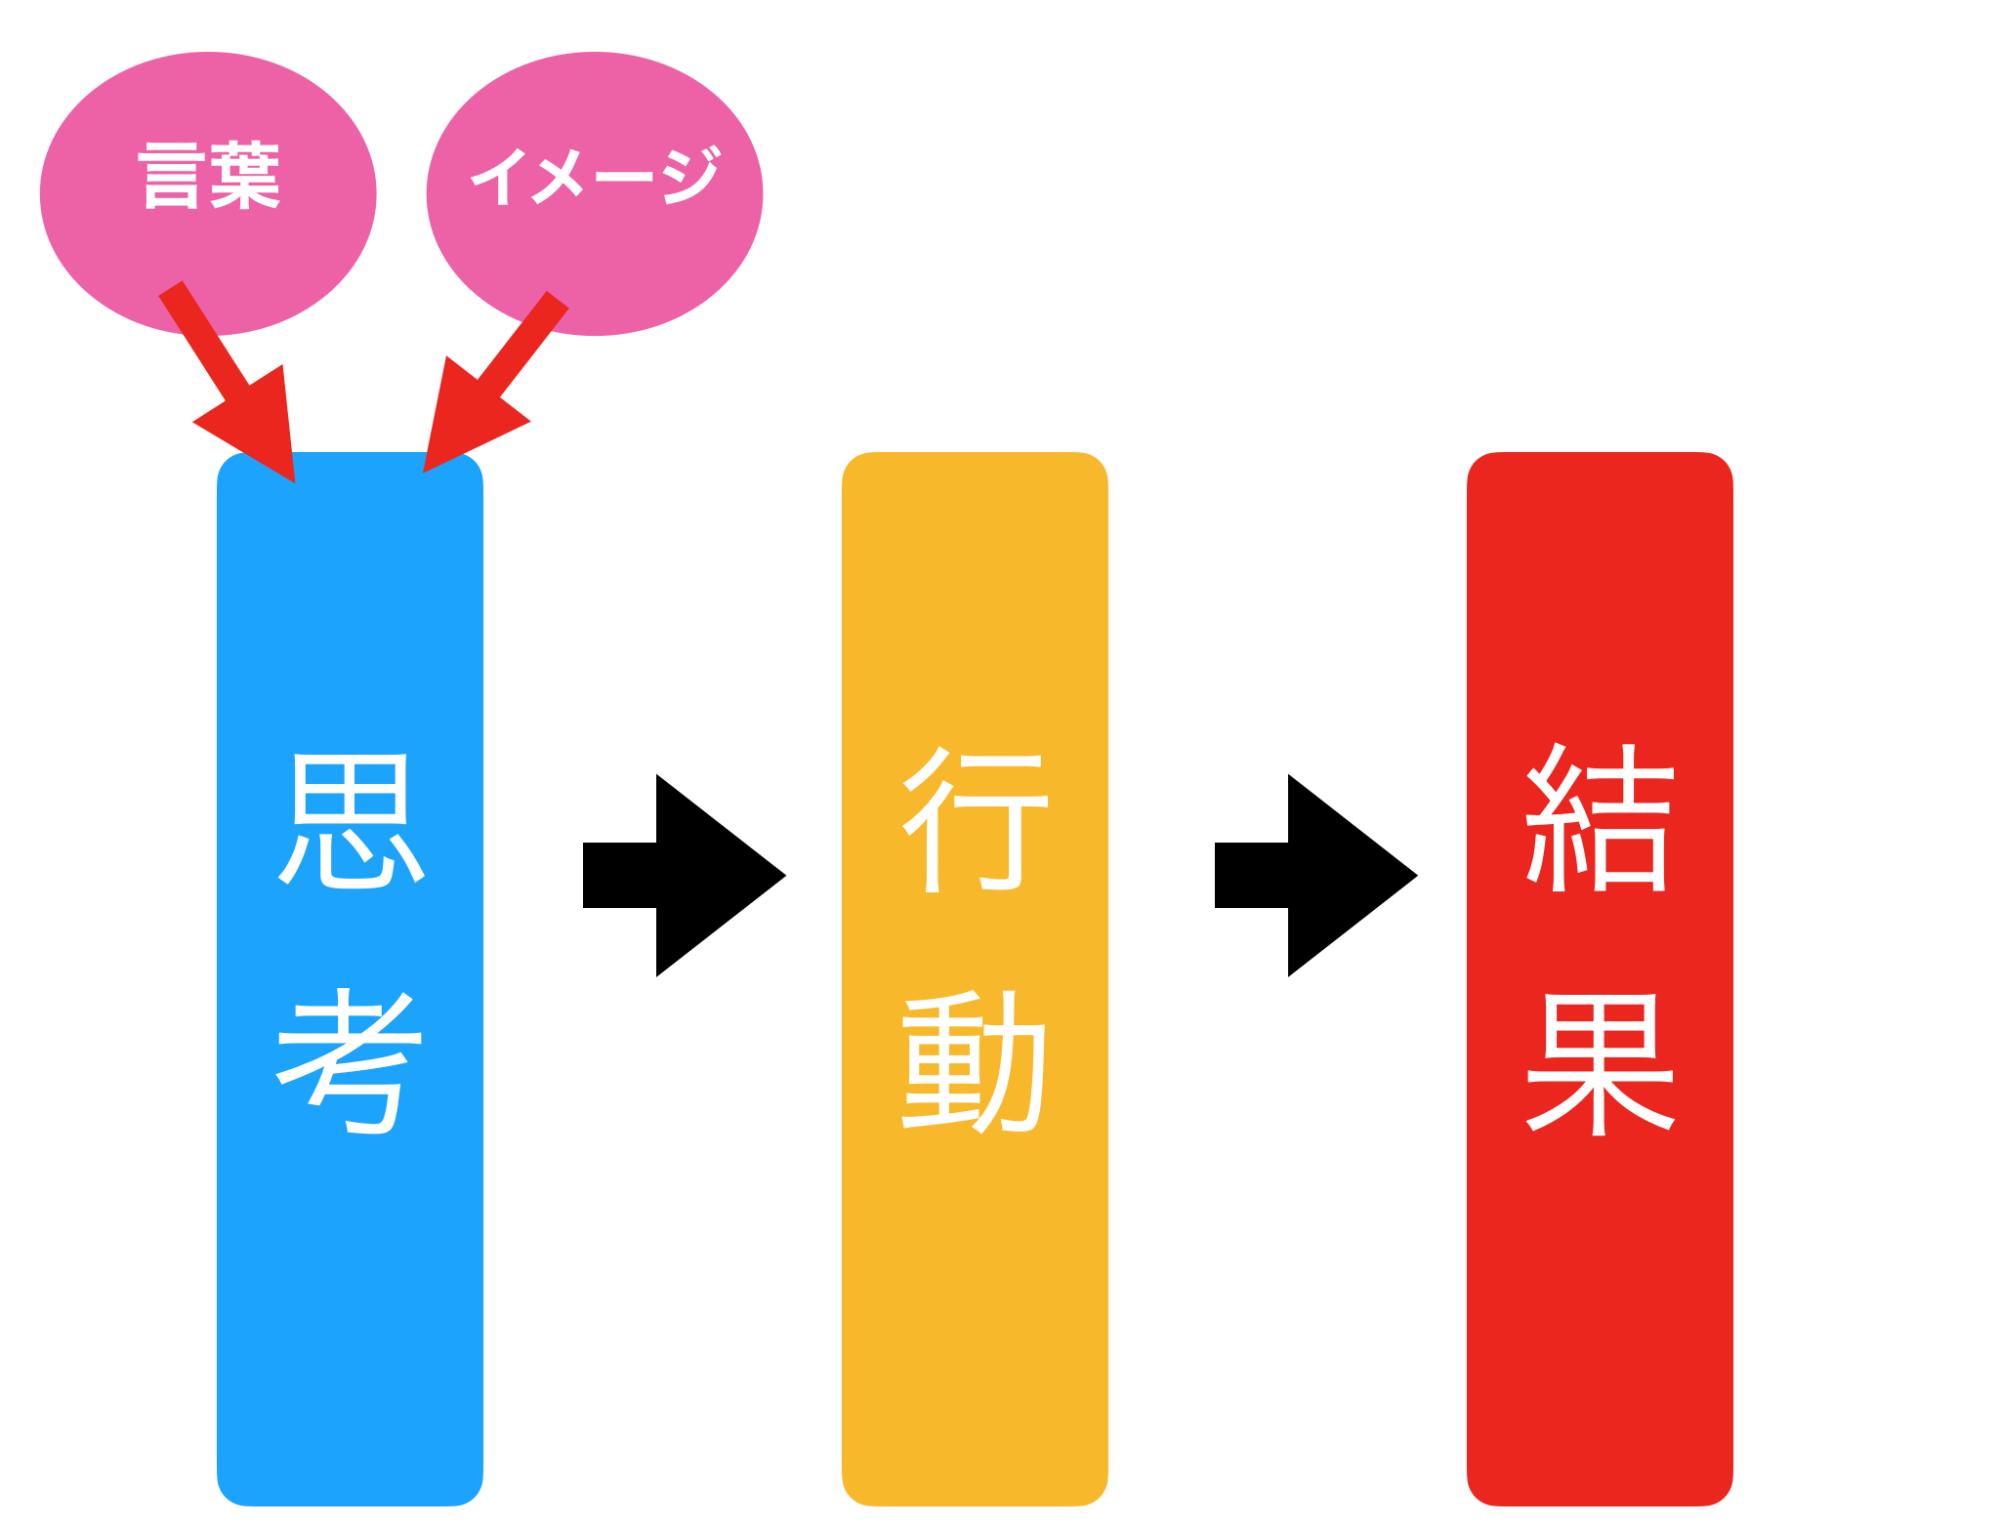 思考→行動→結果